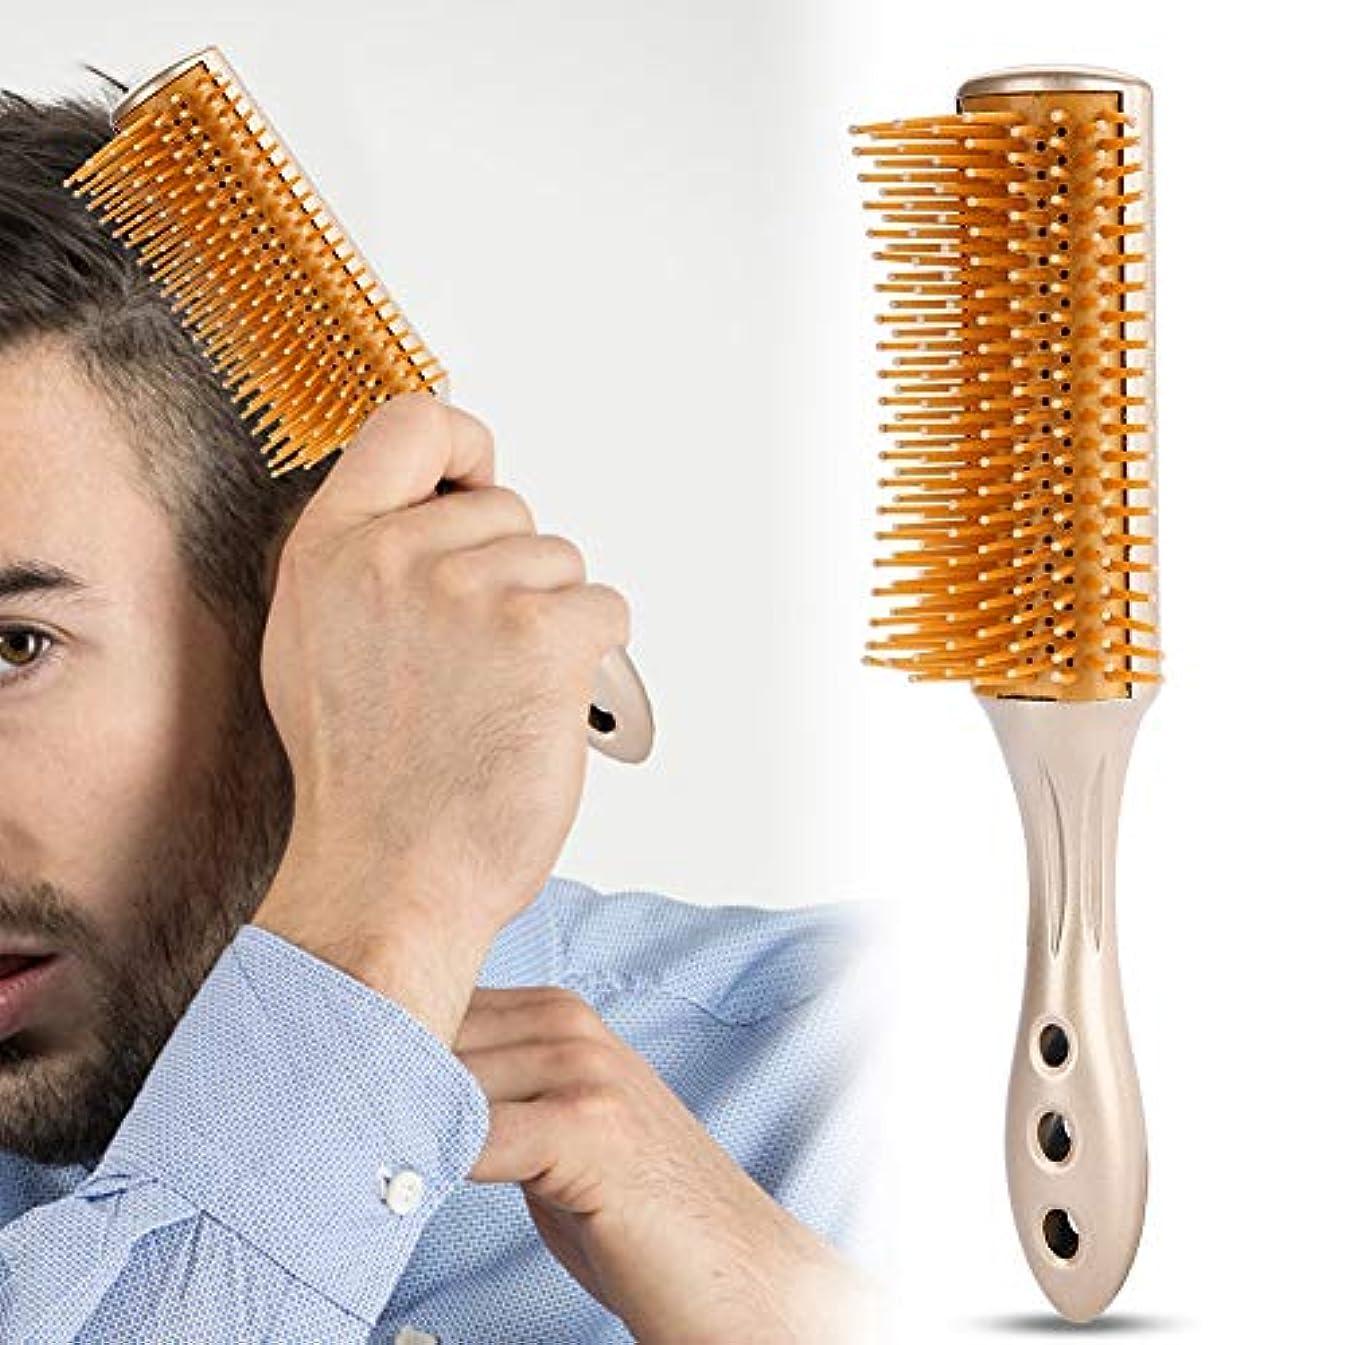 太字シリアルあいにくロール美容櫛、ラウンドヘアブラシヘアマッサージくし男性オイルヘッドくし帯電防止サロンヘアブラシ理髪スタイリングツール